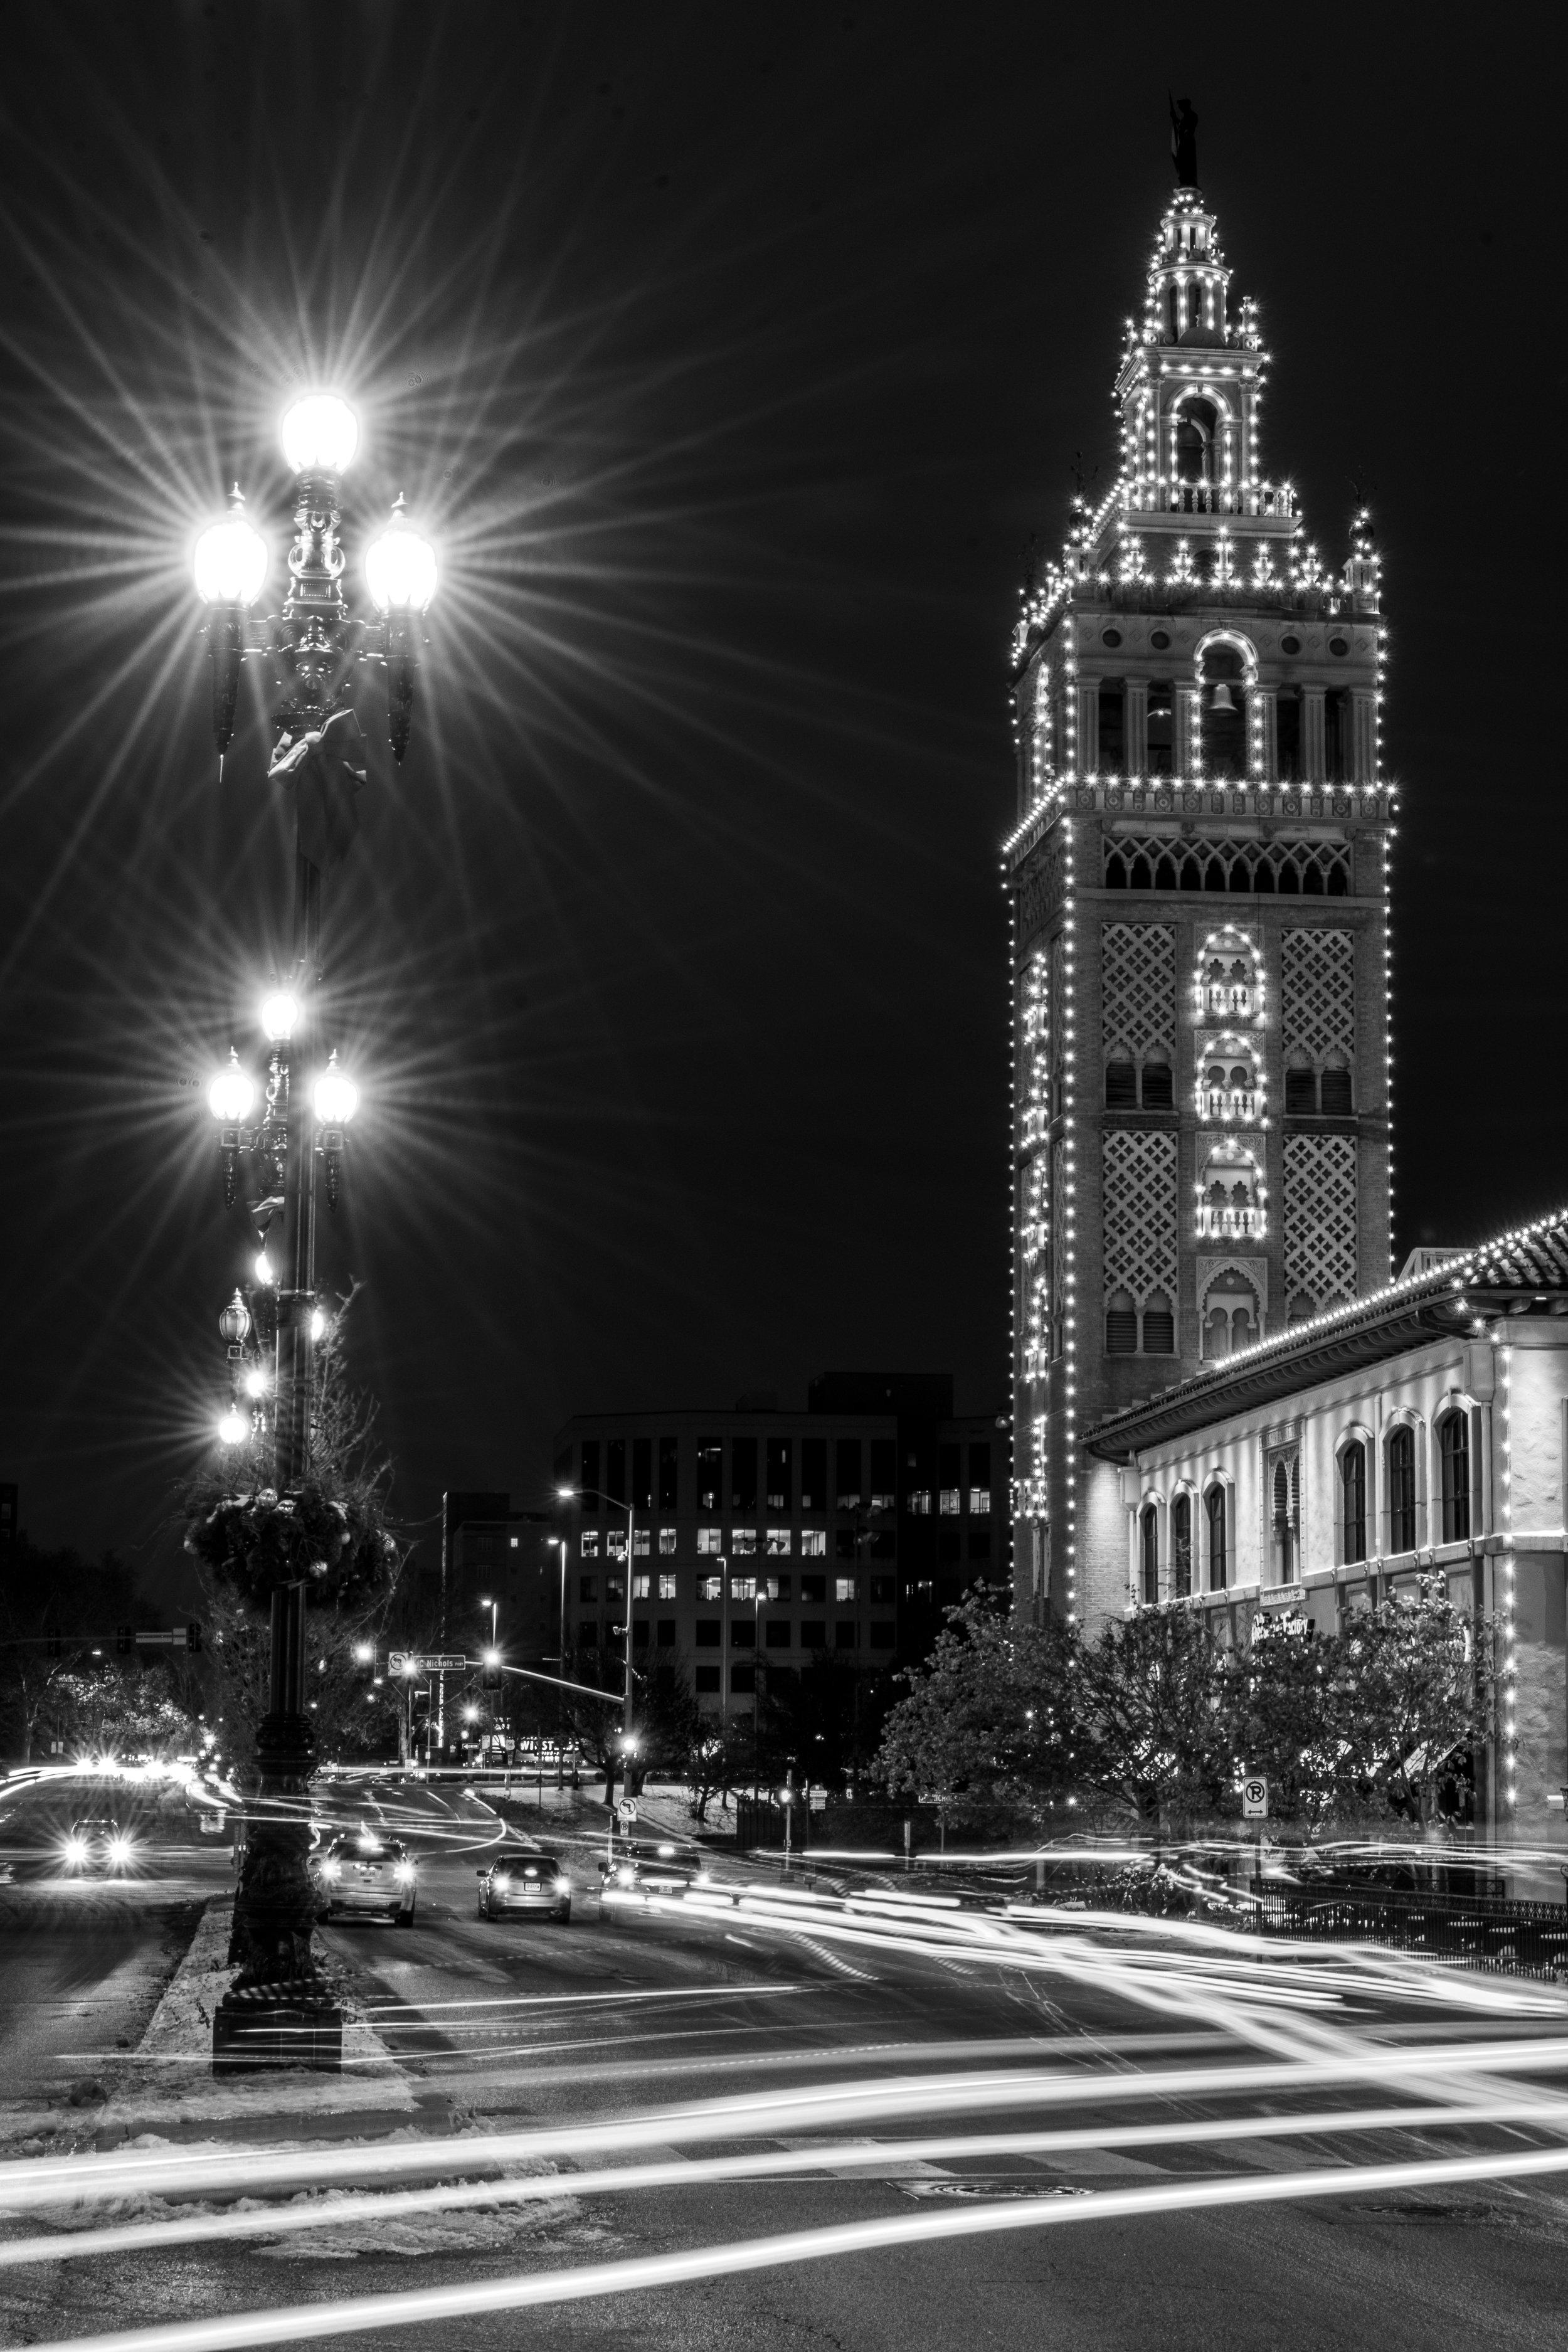 christmas-in-kansas-city-28-of-70_45351429924_o.jpg